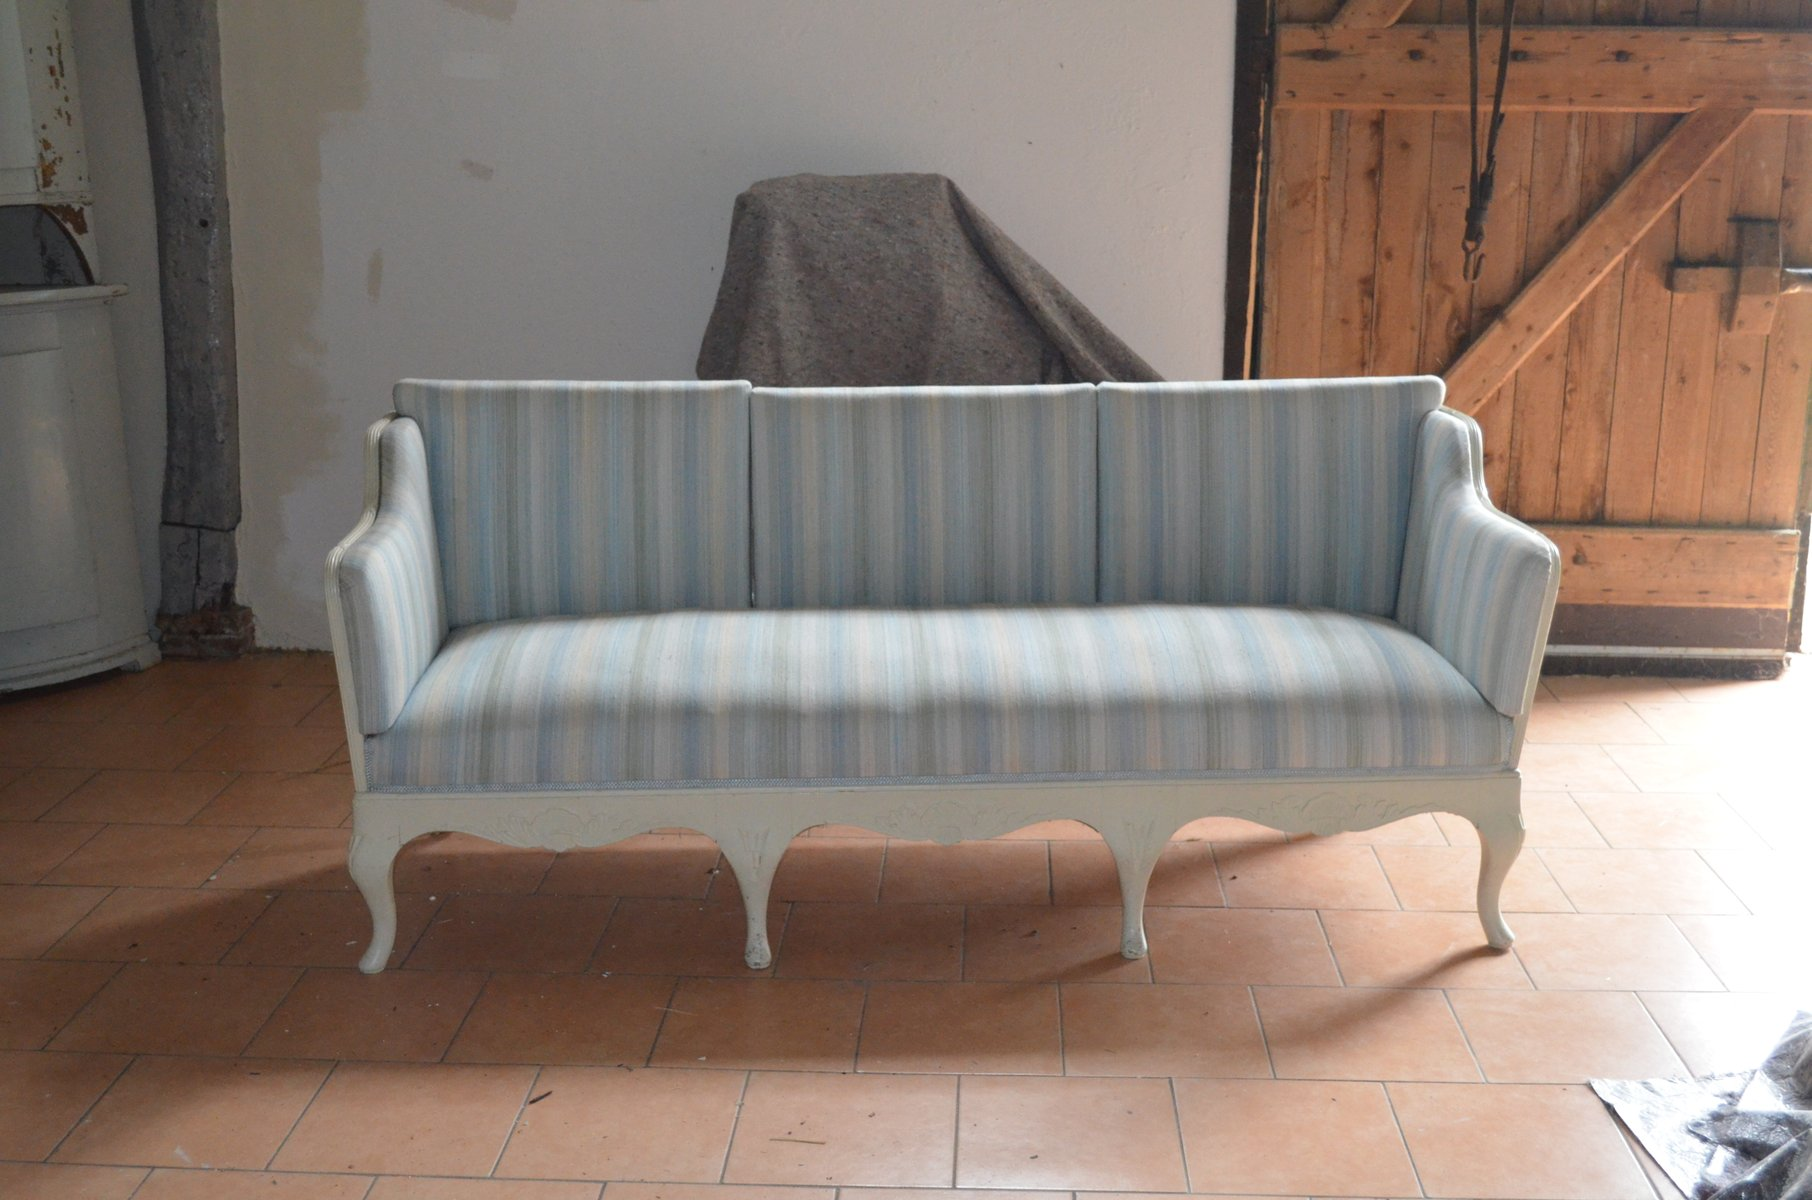 Barockes schwedisches landhaus sofa bei pamono kaufen barockes schwedisches landhaus sofa parisarafo Images